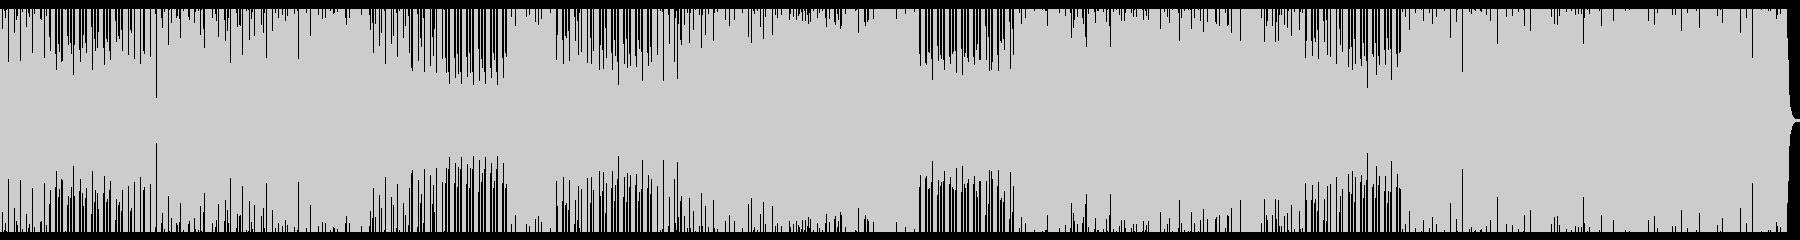 slapアドリブをメインとしたjazzの未再生の波形